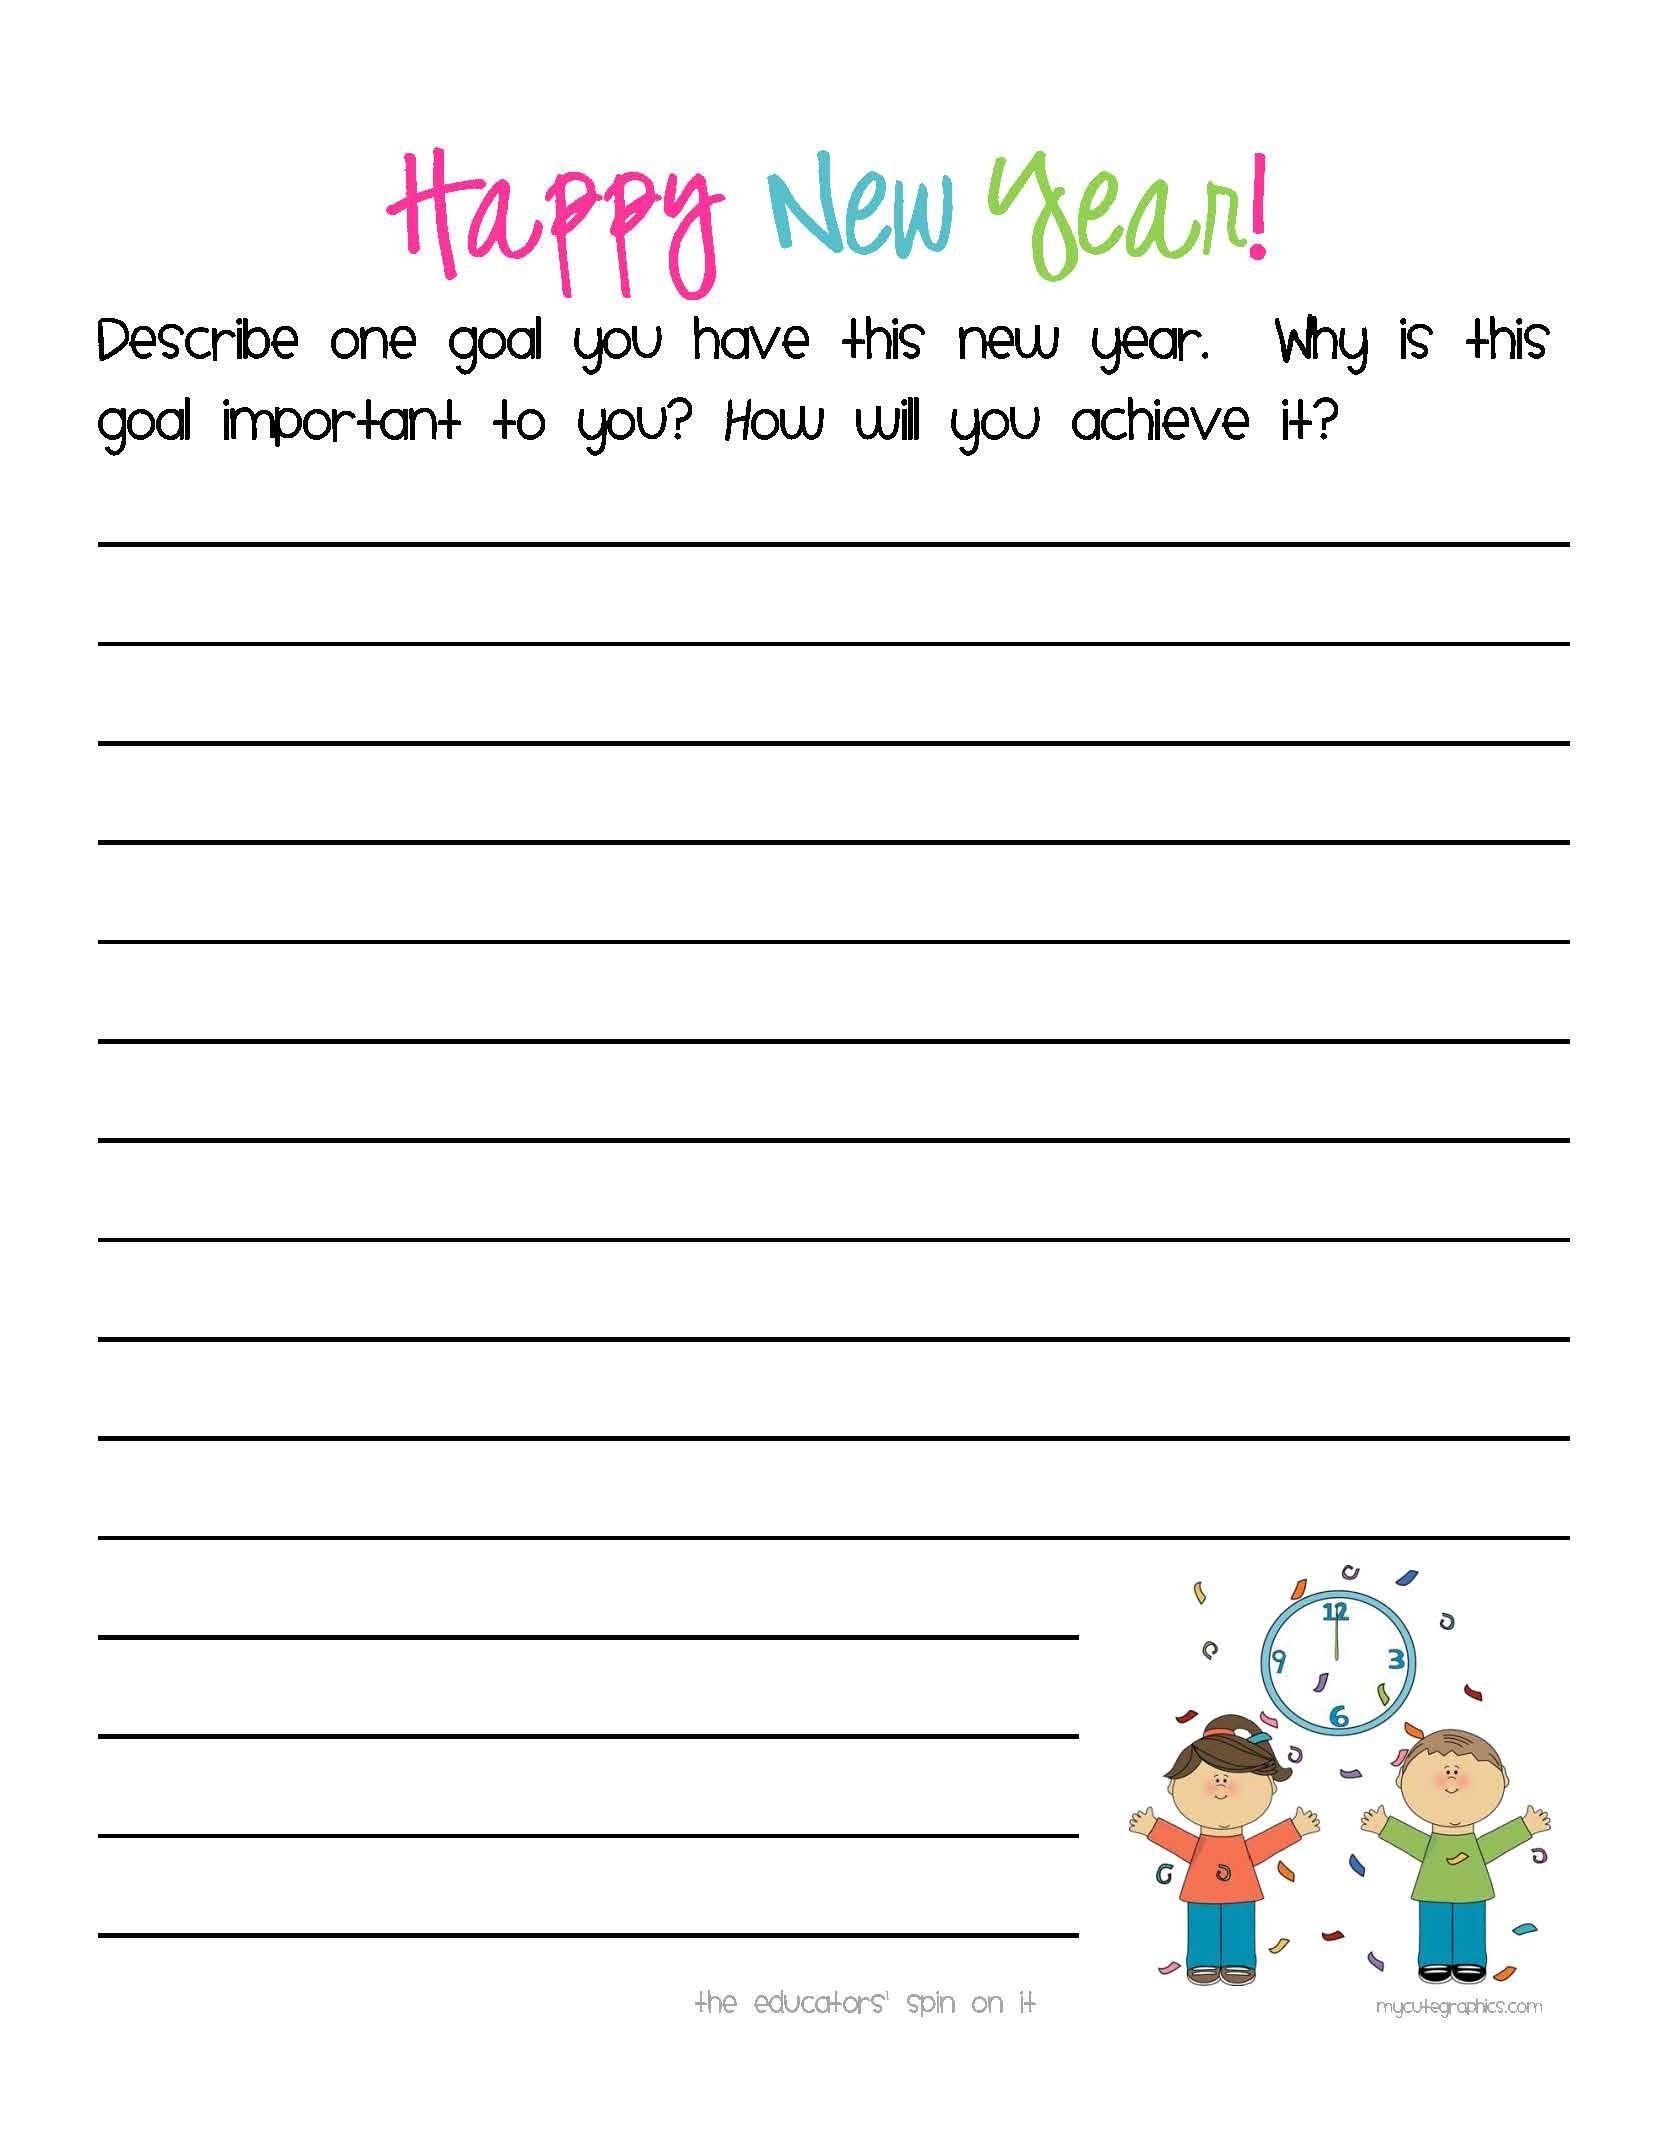 medium resolution of 4th Grade Essay Writing Worksheets 6 4th Grade Essay Writing Worksheets  Worksheets   Creative writing worksheets